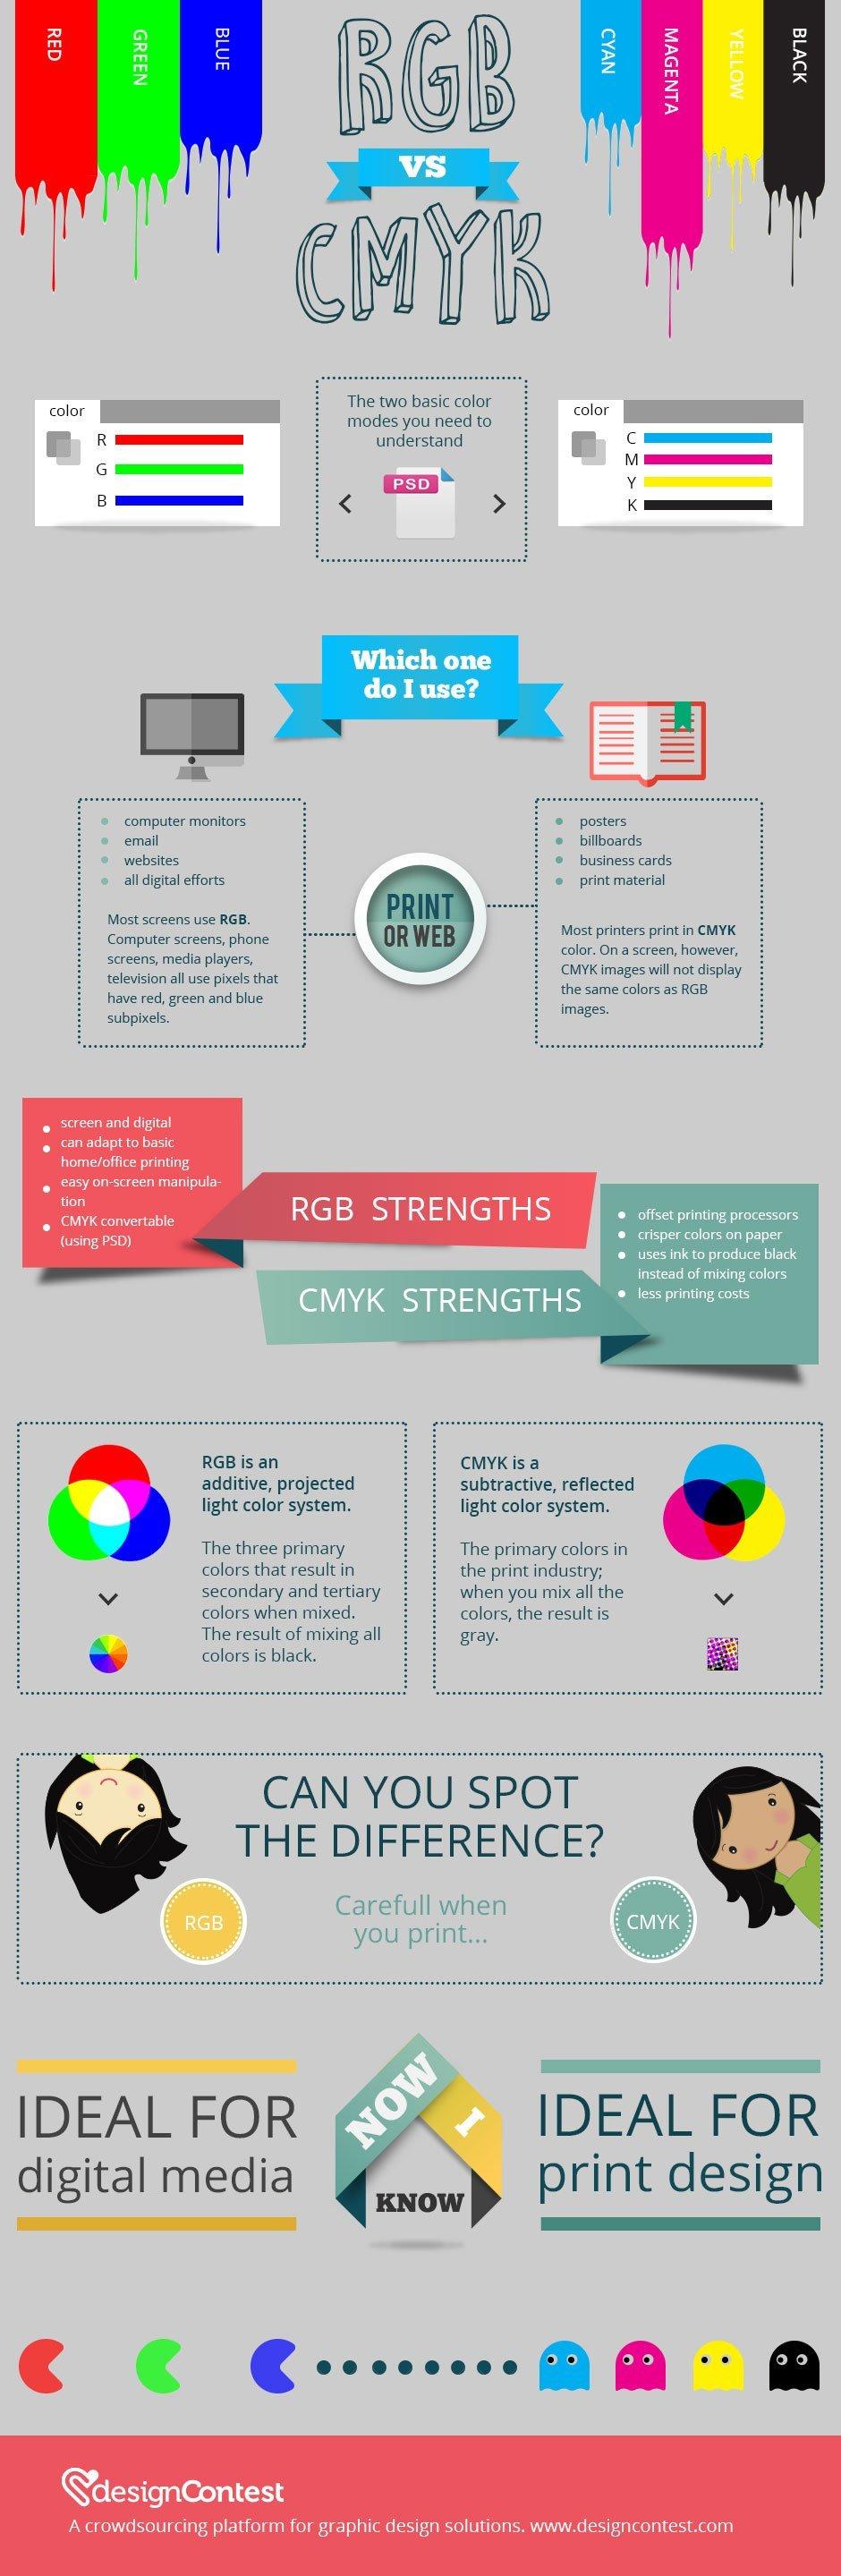 RGB vs CMYK color modes explained